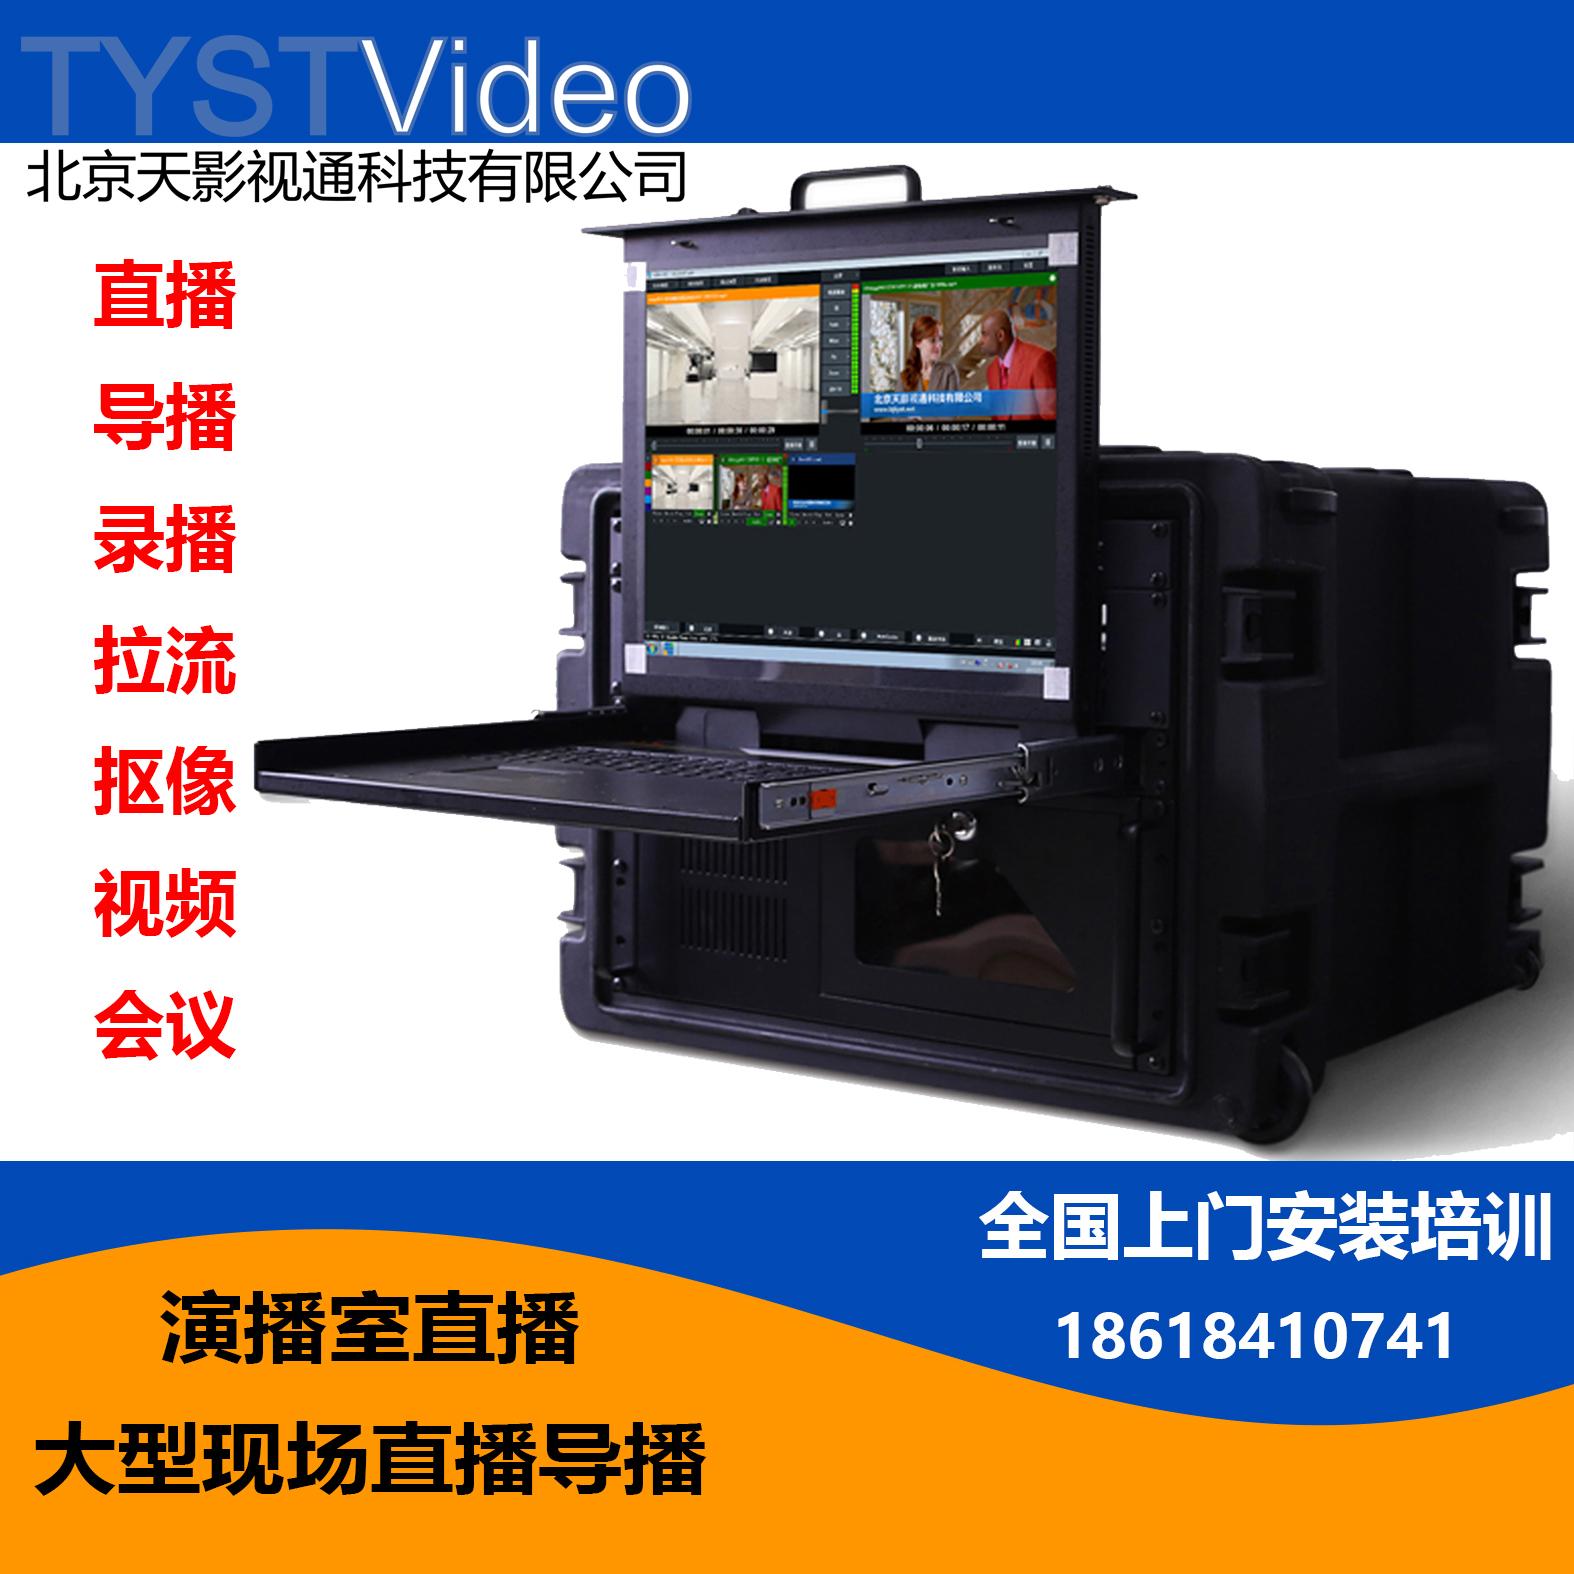 天影视通网络录播系统一体机app系统高清移动直播一体机TY-HD8000